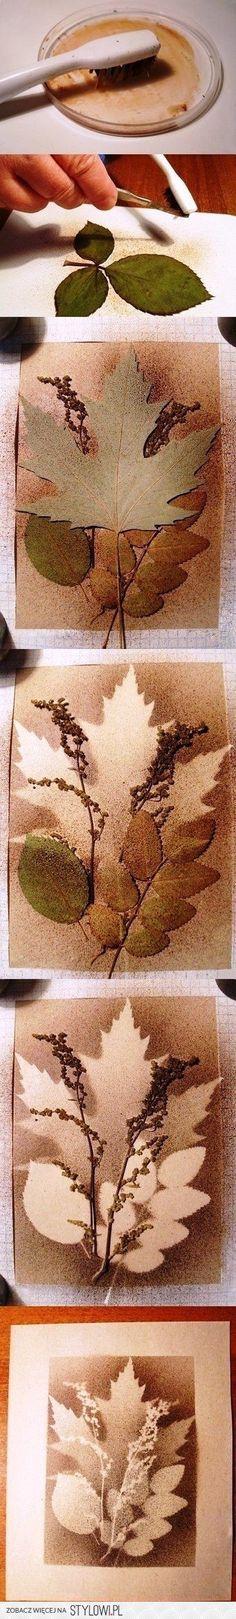 Leuk om zelf een herfst schilderij te maken op canvas!